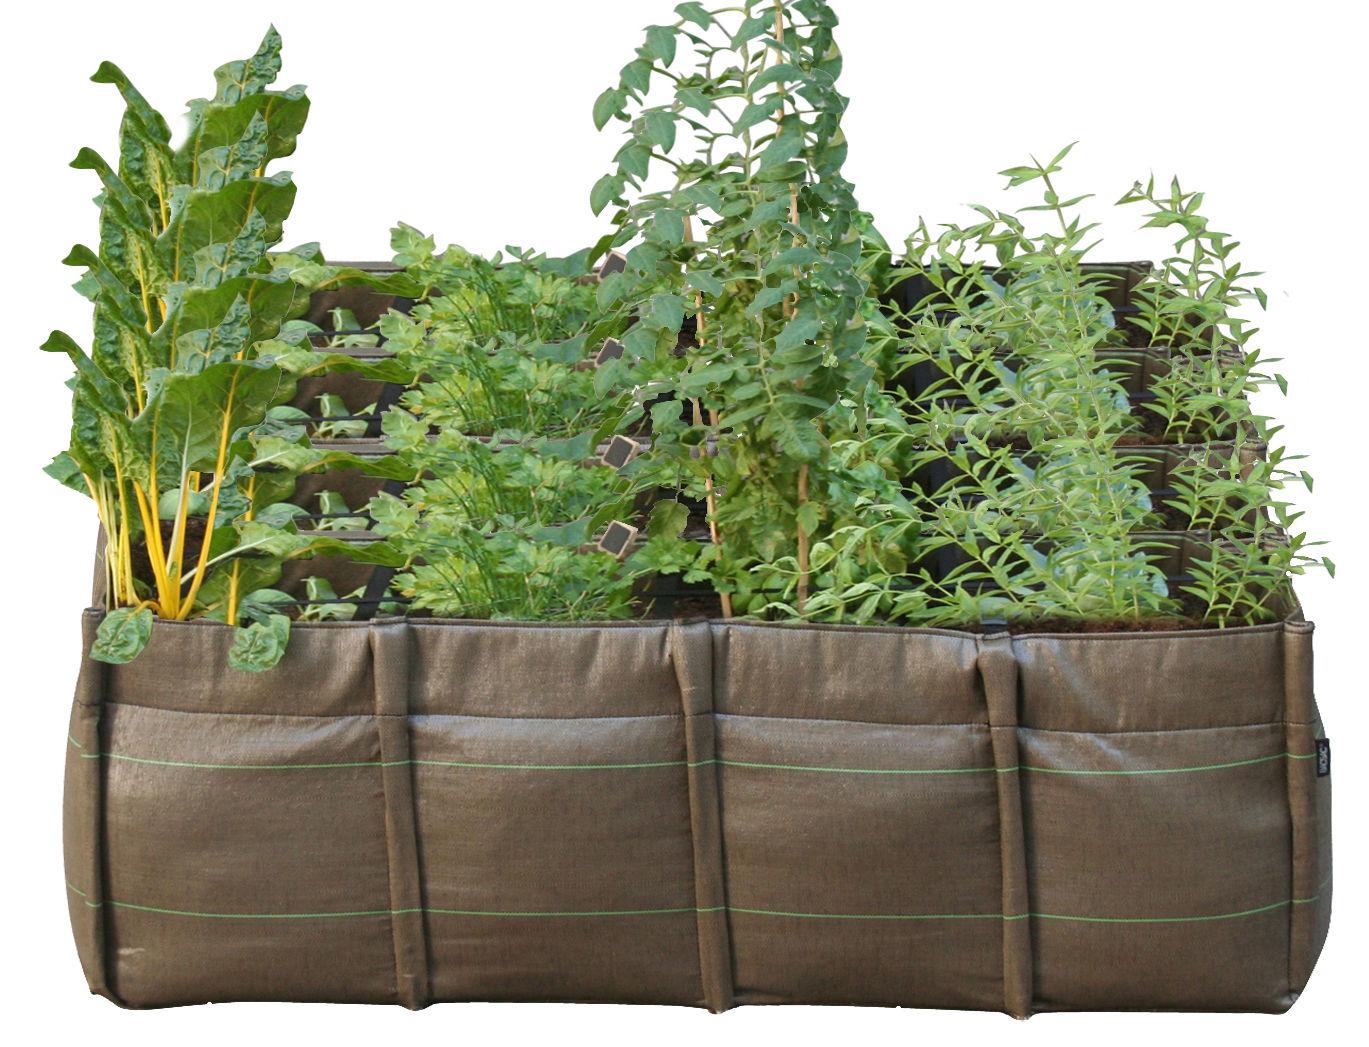 Outdoor - Pots & Plants - BacSquare Geotextile Planter - Outdoor - 550 L by Bacsac - 550L - Brown - Geotextile cloth